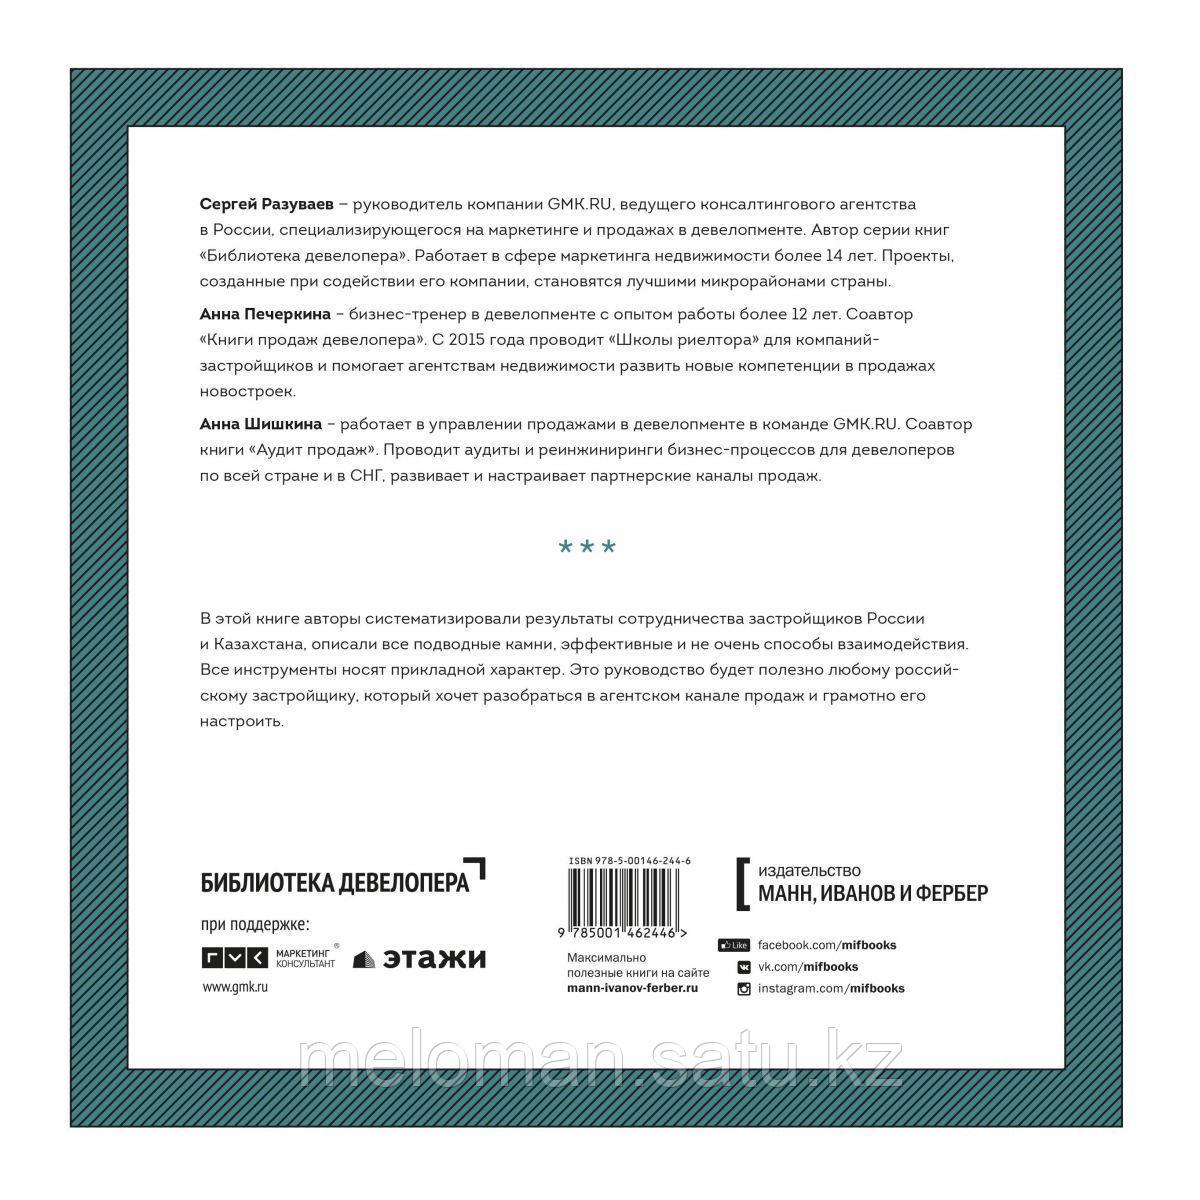 Разуваев С., Печёркина А., Шишкина А.: Девелопер и риелтор. Соперничество или сотрудничество? - фото 3